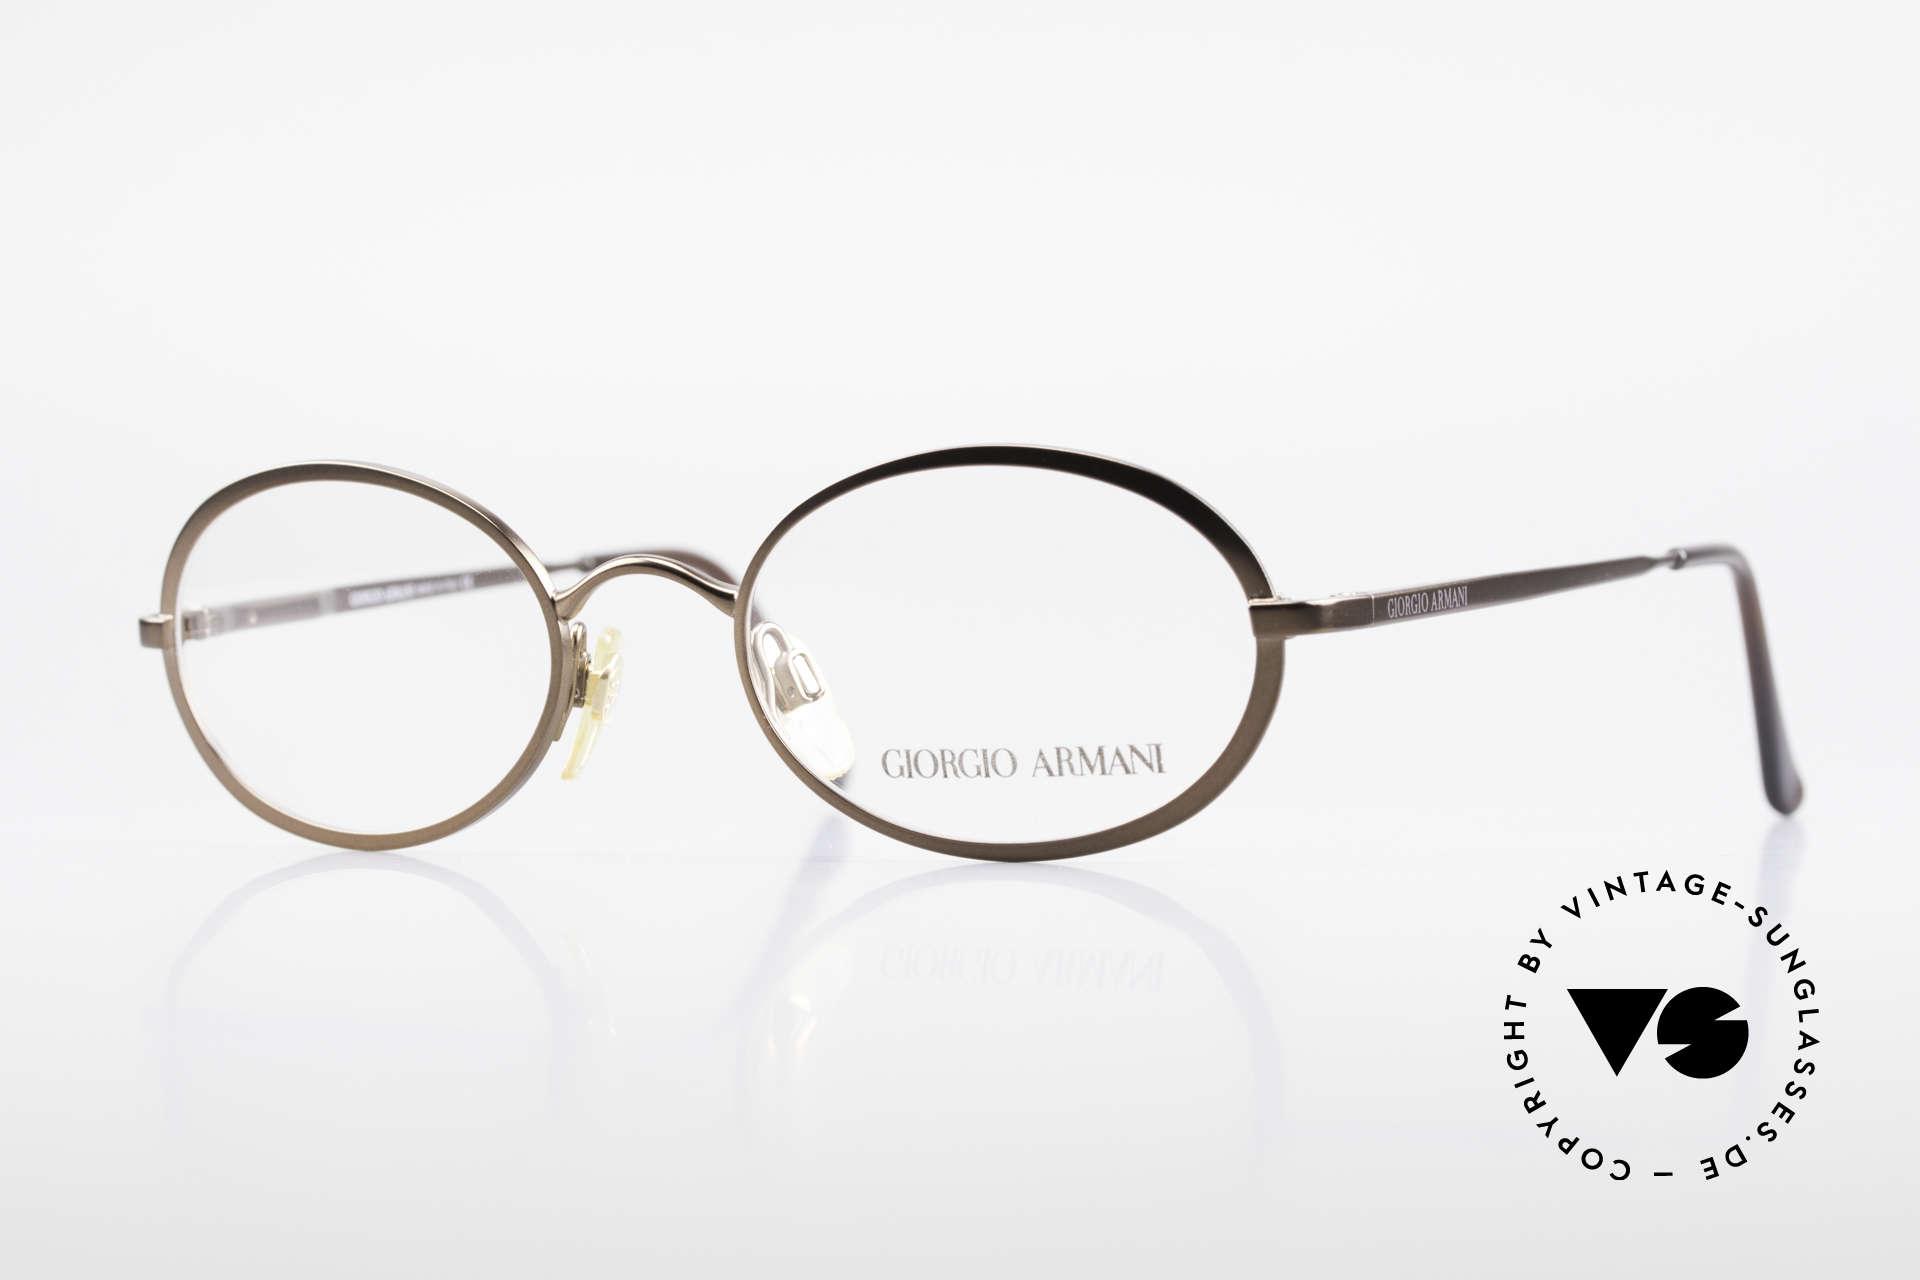 Giorgio Armani 277 90er Vintage Fassung Oval, ovale vintage Brillenfassung vom GIORGIO ARMANI, Passend für Herren und Damen